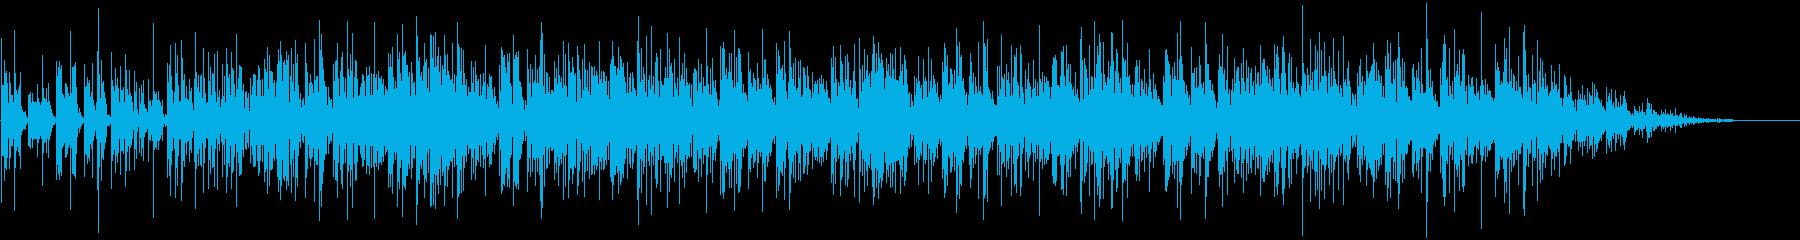 奥多摩湖をイメージして作りました。の再生済みの波形